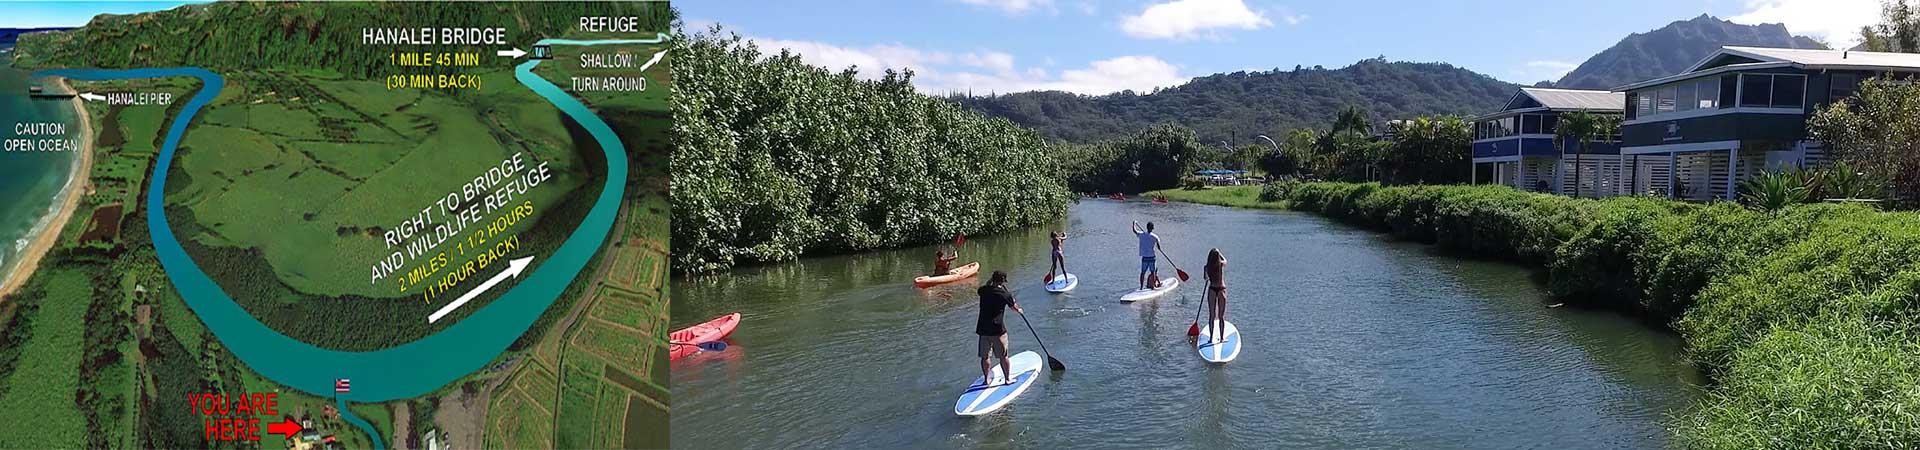 Wildlife Refuge SUP Route - Kayak Hanalei